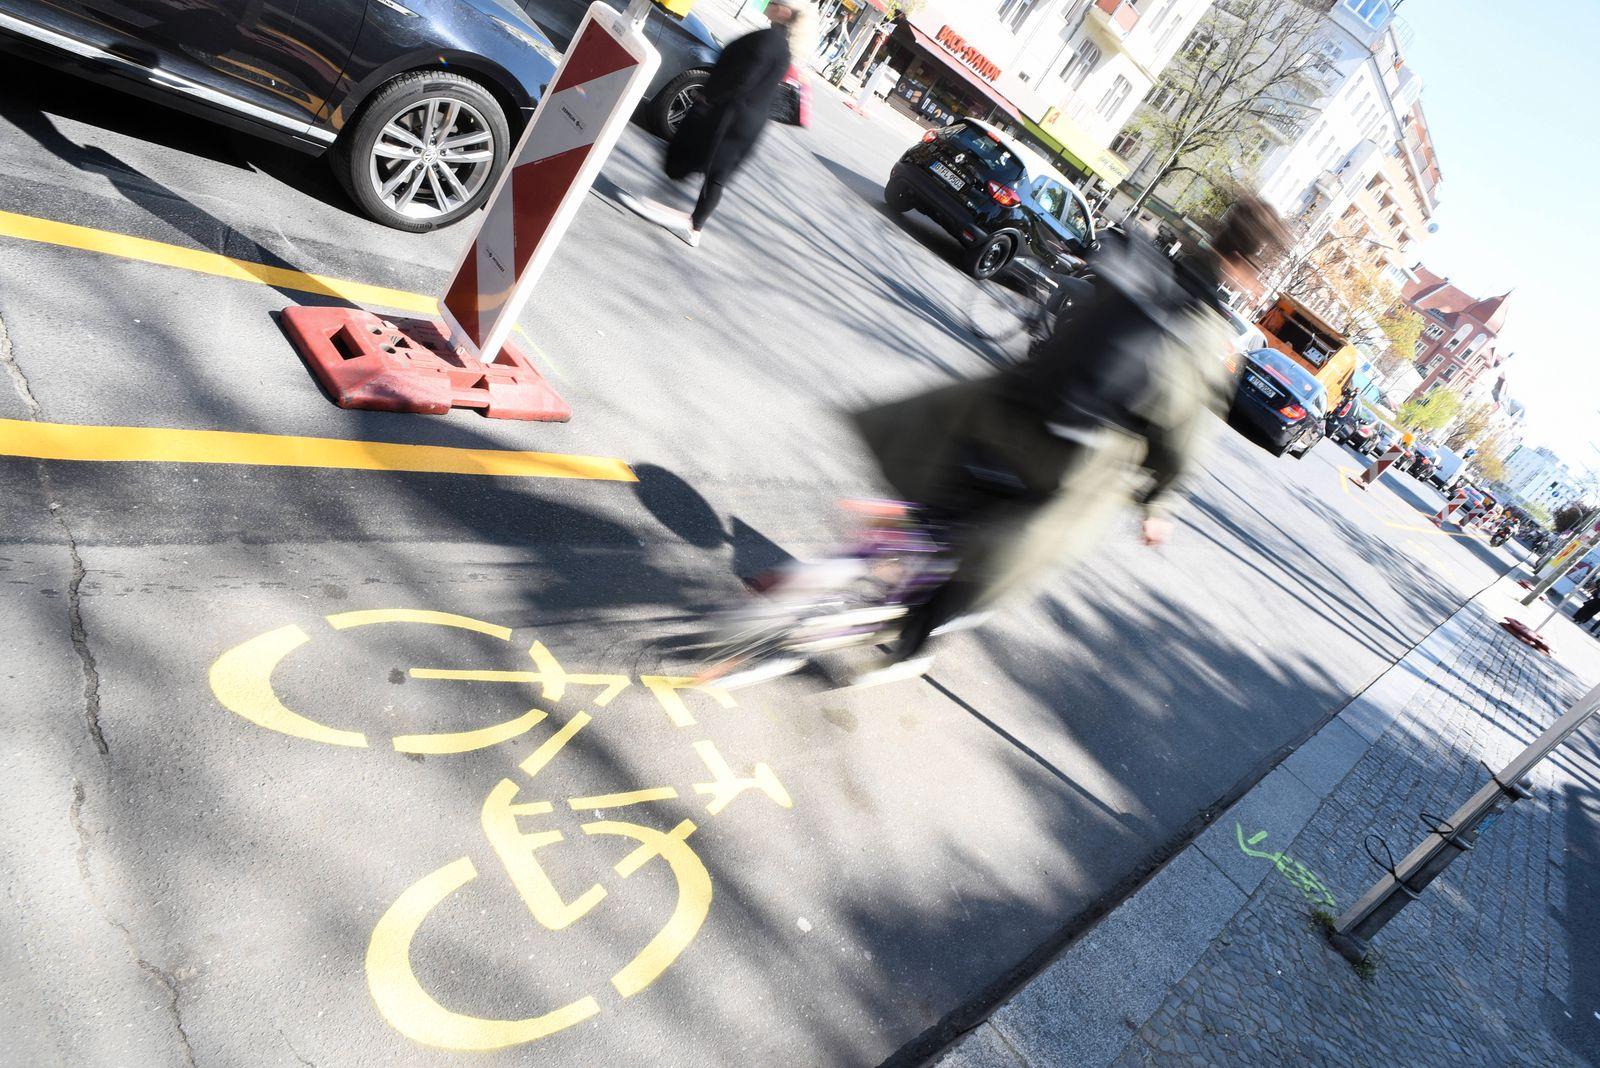 Angesichts des wegen des Corona-Shutdowns verringerten Autoverkehrs haben einige Berliner Bezirke Fahrradstreifen zun‰ch